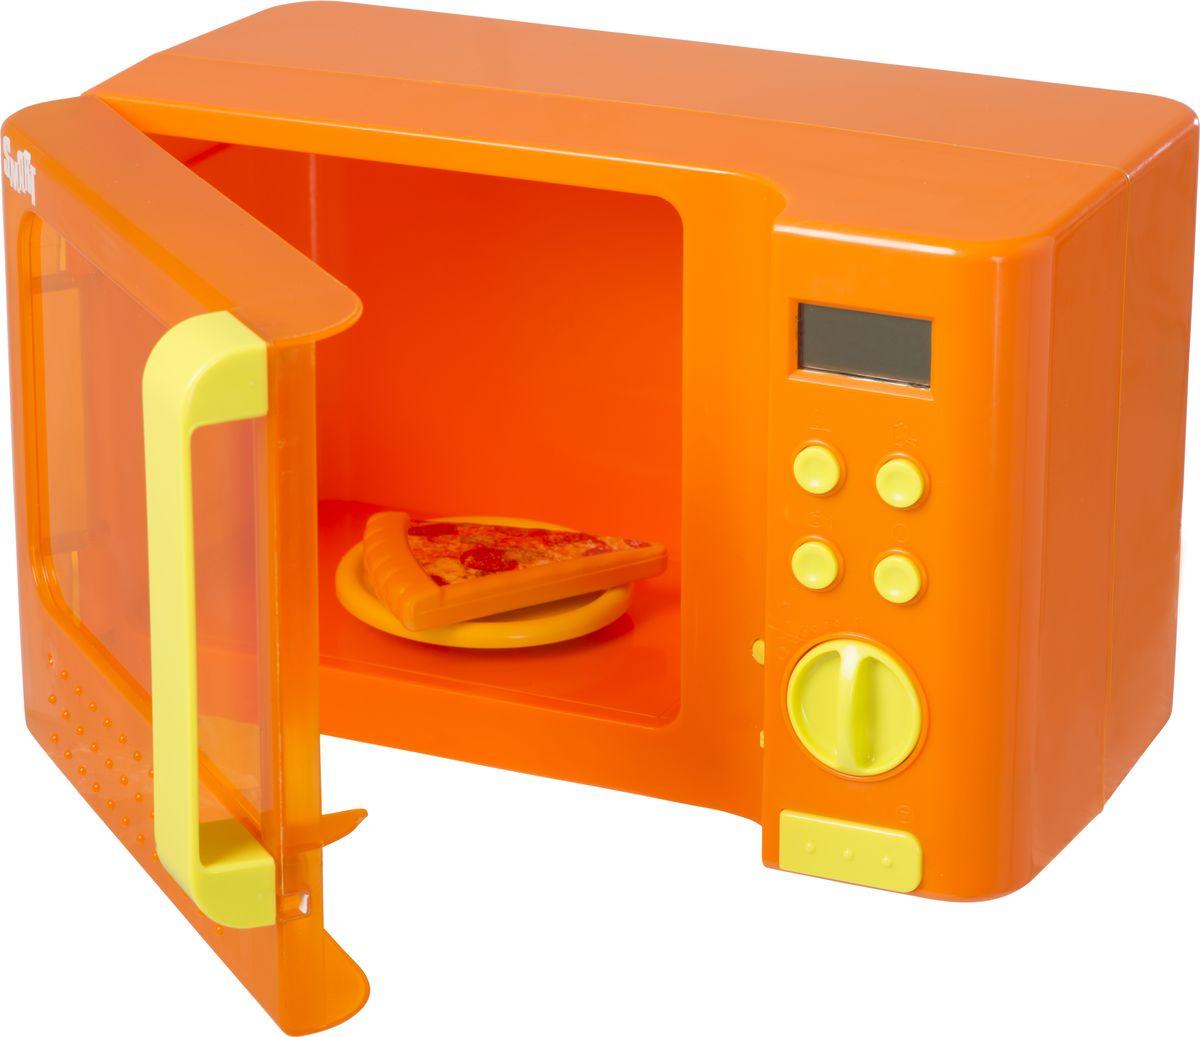 HTI Микроволновая печь Smart1684019.00Микроволновая печь Smart. Четыре кнопки для выбора времени приготовления, которое высвечивается на LCD экранчике. После поворота ручки слышен звук, а внутри микроволновки загорается свет и начинает вращаться тарелка. Дверца открывается нажатием большой кнопки. В комплект входит ломтик пиццы. Необходимы батарейки: 3 AA (в комплект не входят). Для детей от 3-х лет.